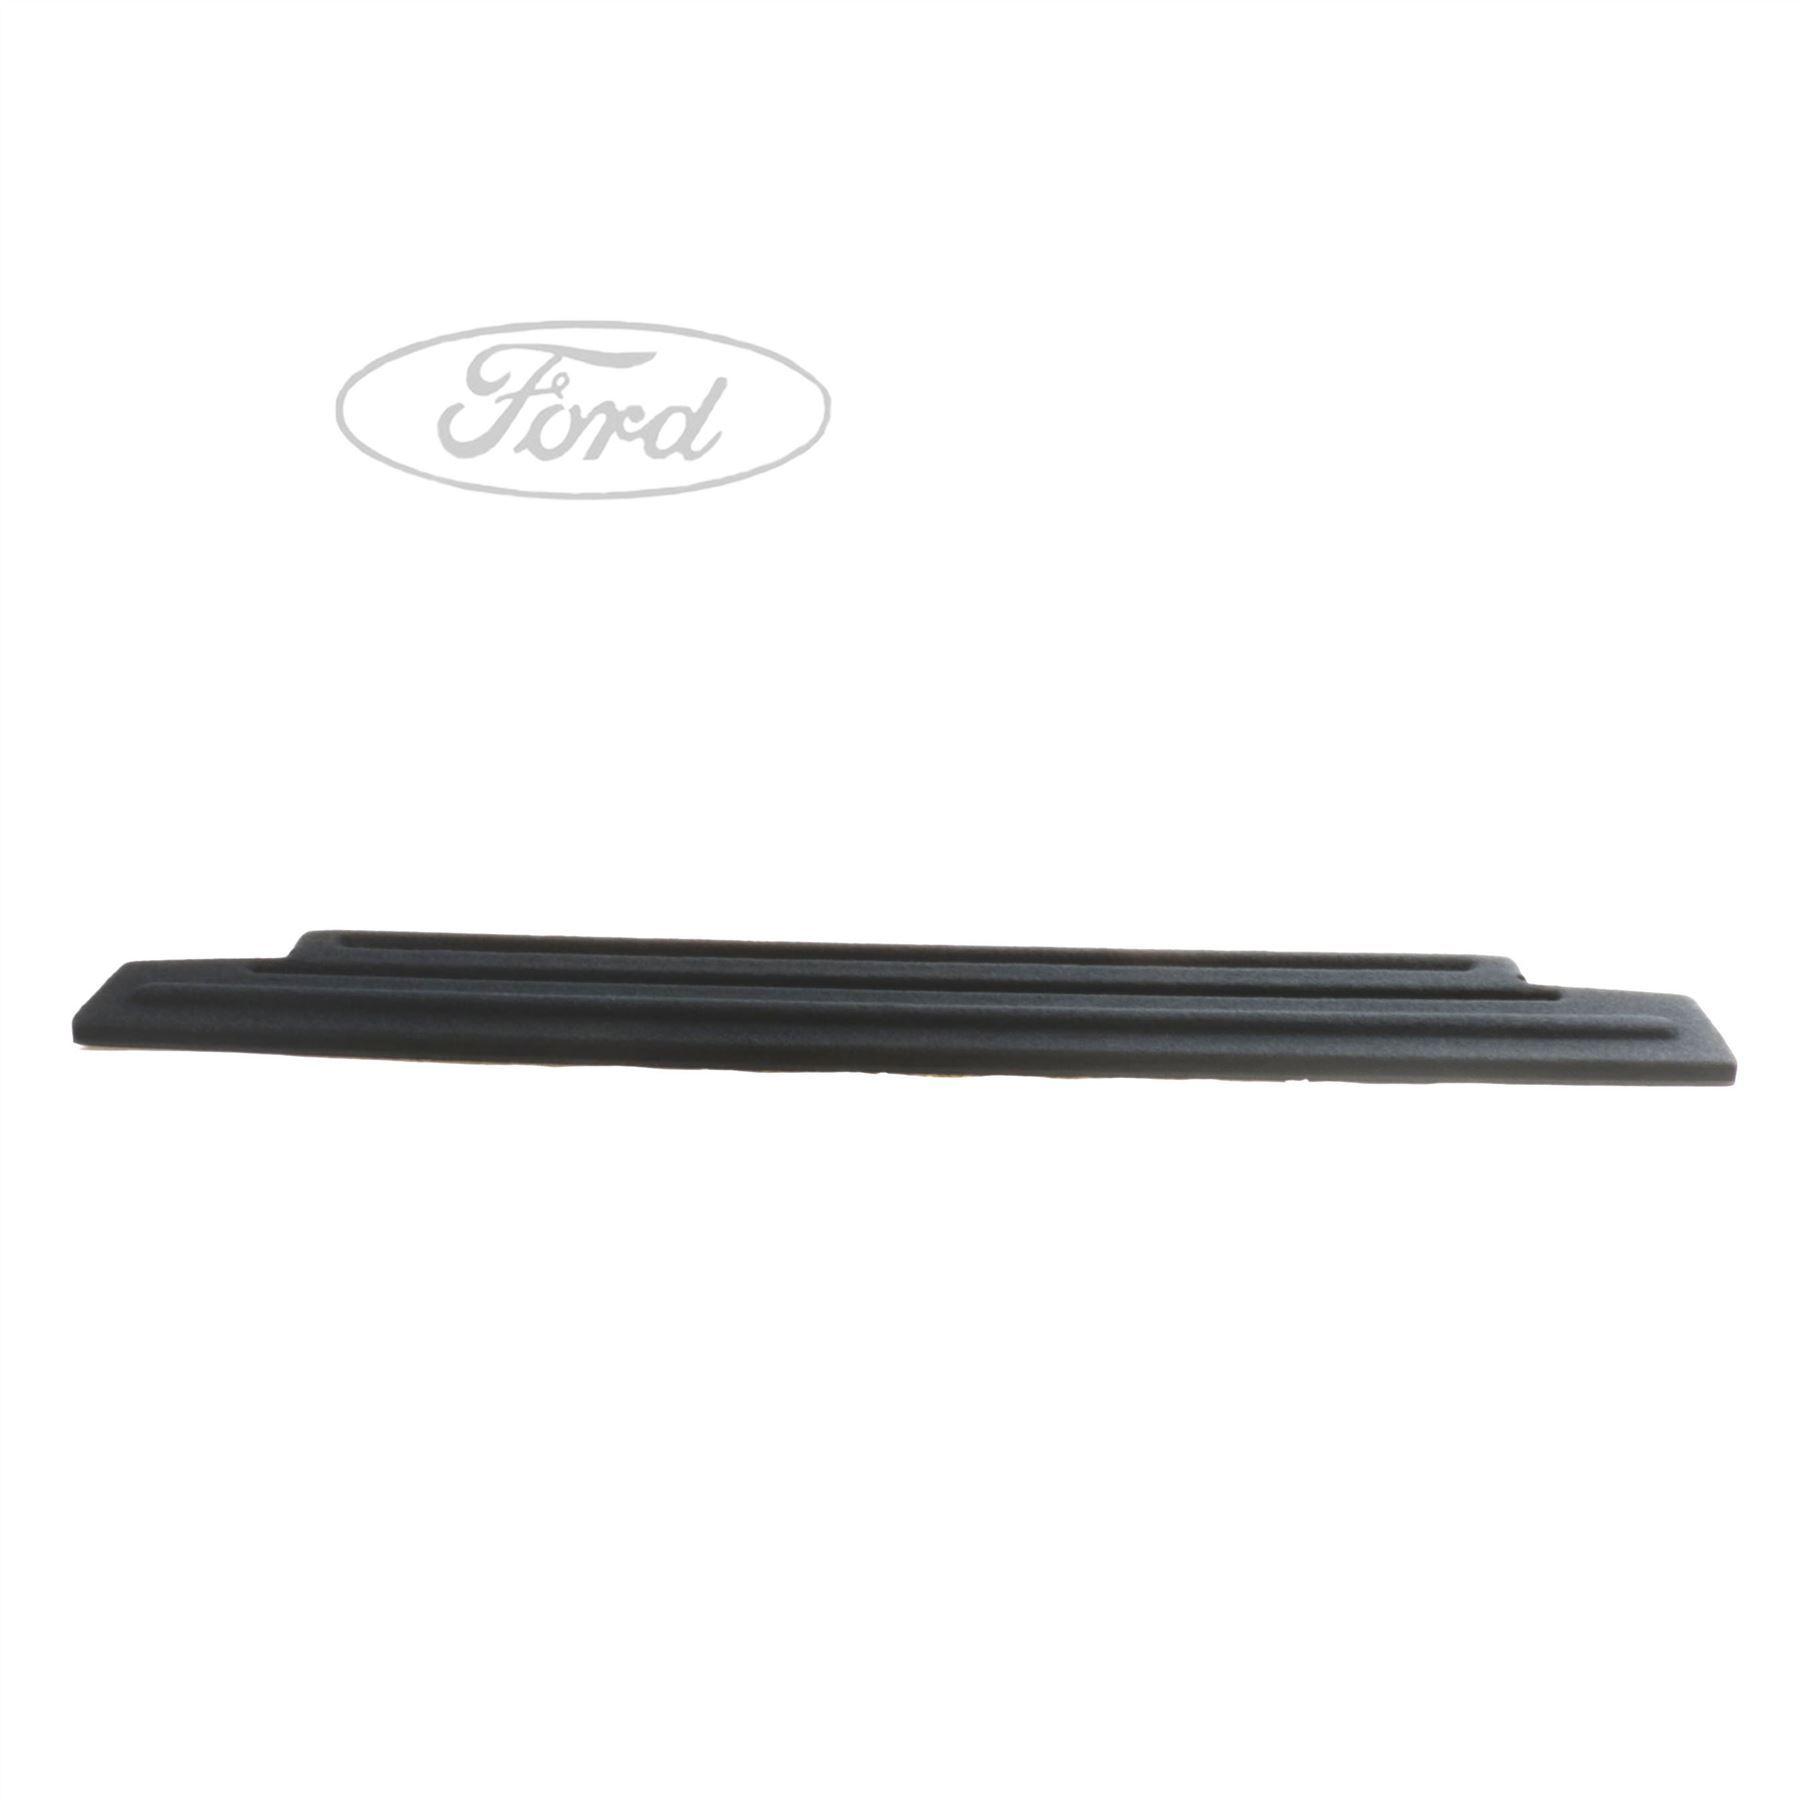 Genuine Ford C Max Mk2 Rear Parcel Shelf Package Tray Trim